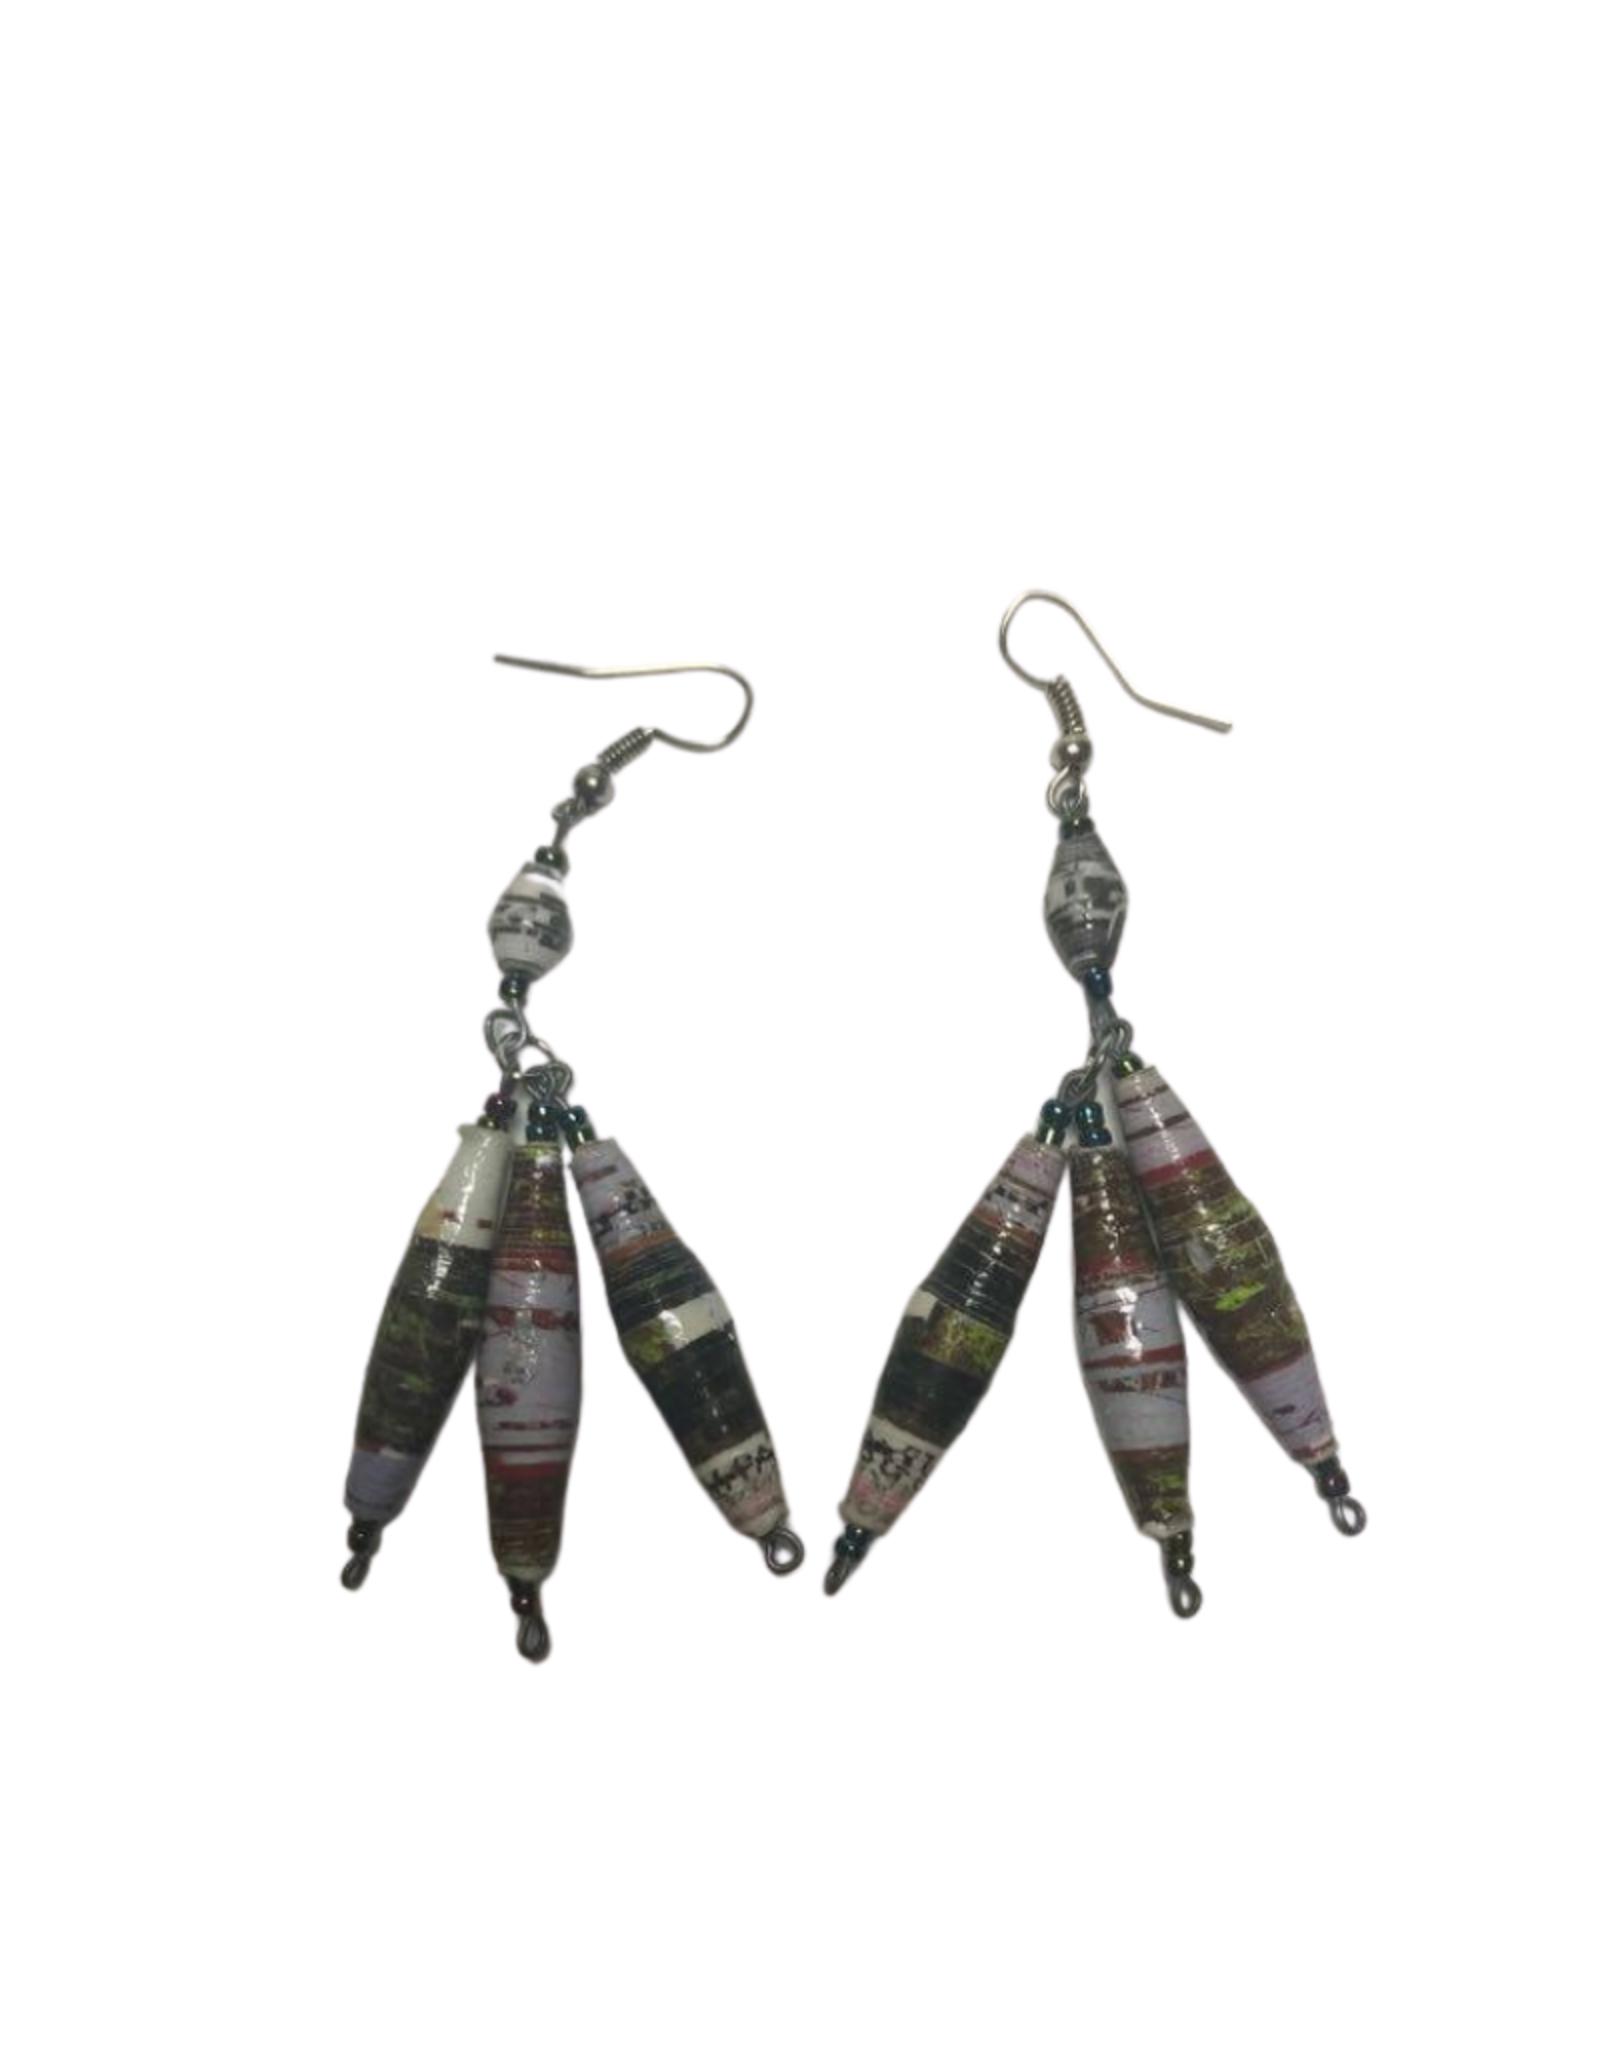 Takataka Coiled Paper Earrings (Strands of Three)